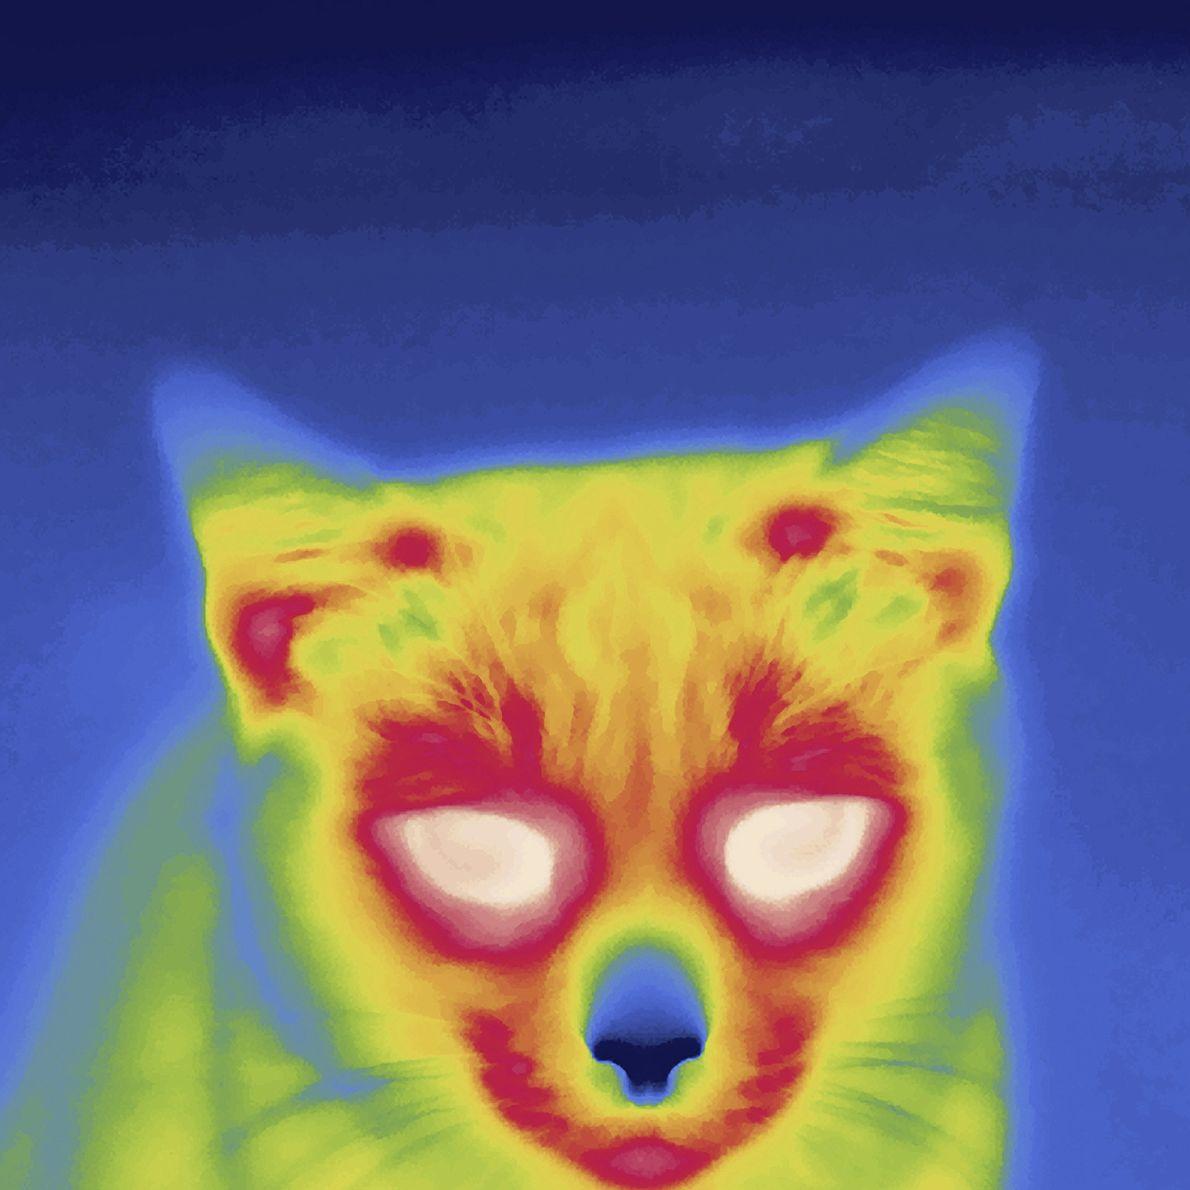 Imagen térmica